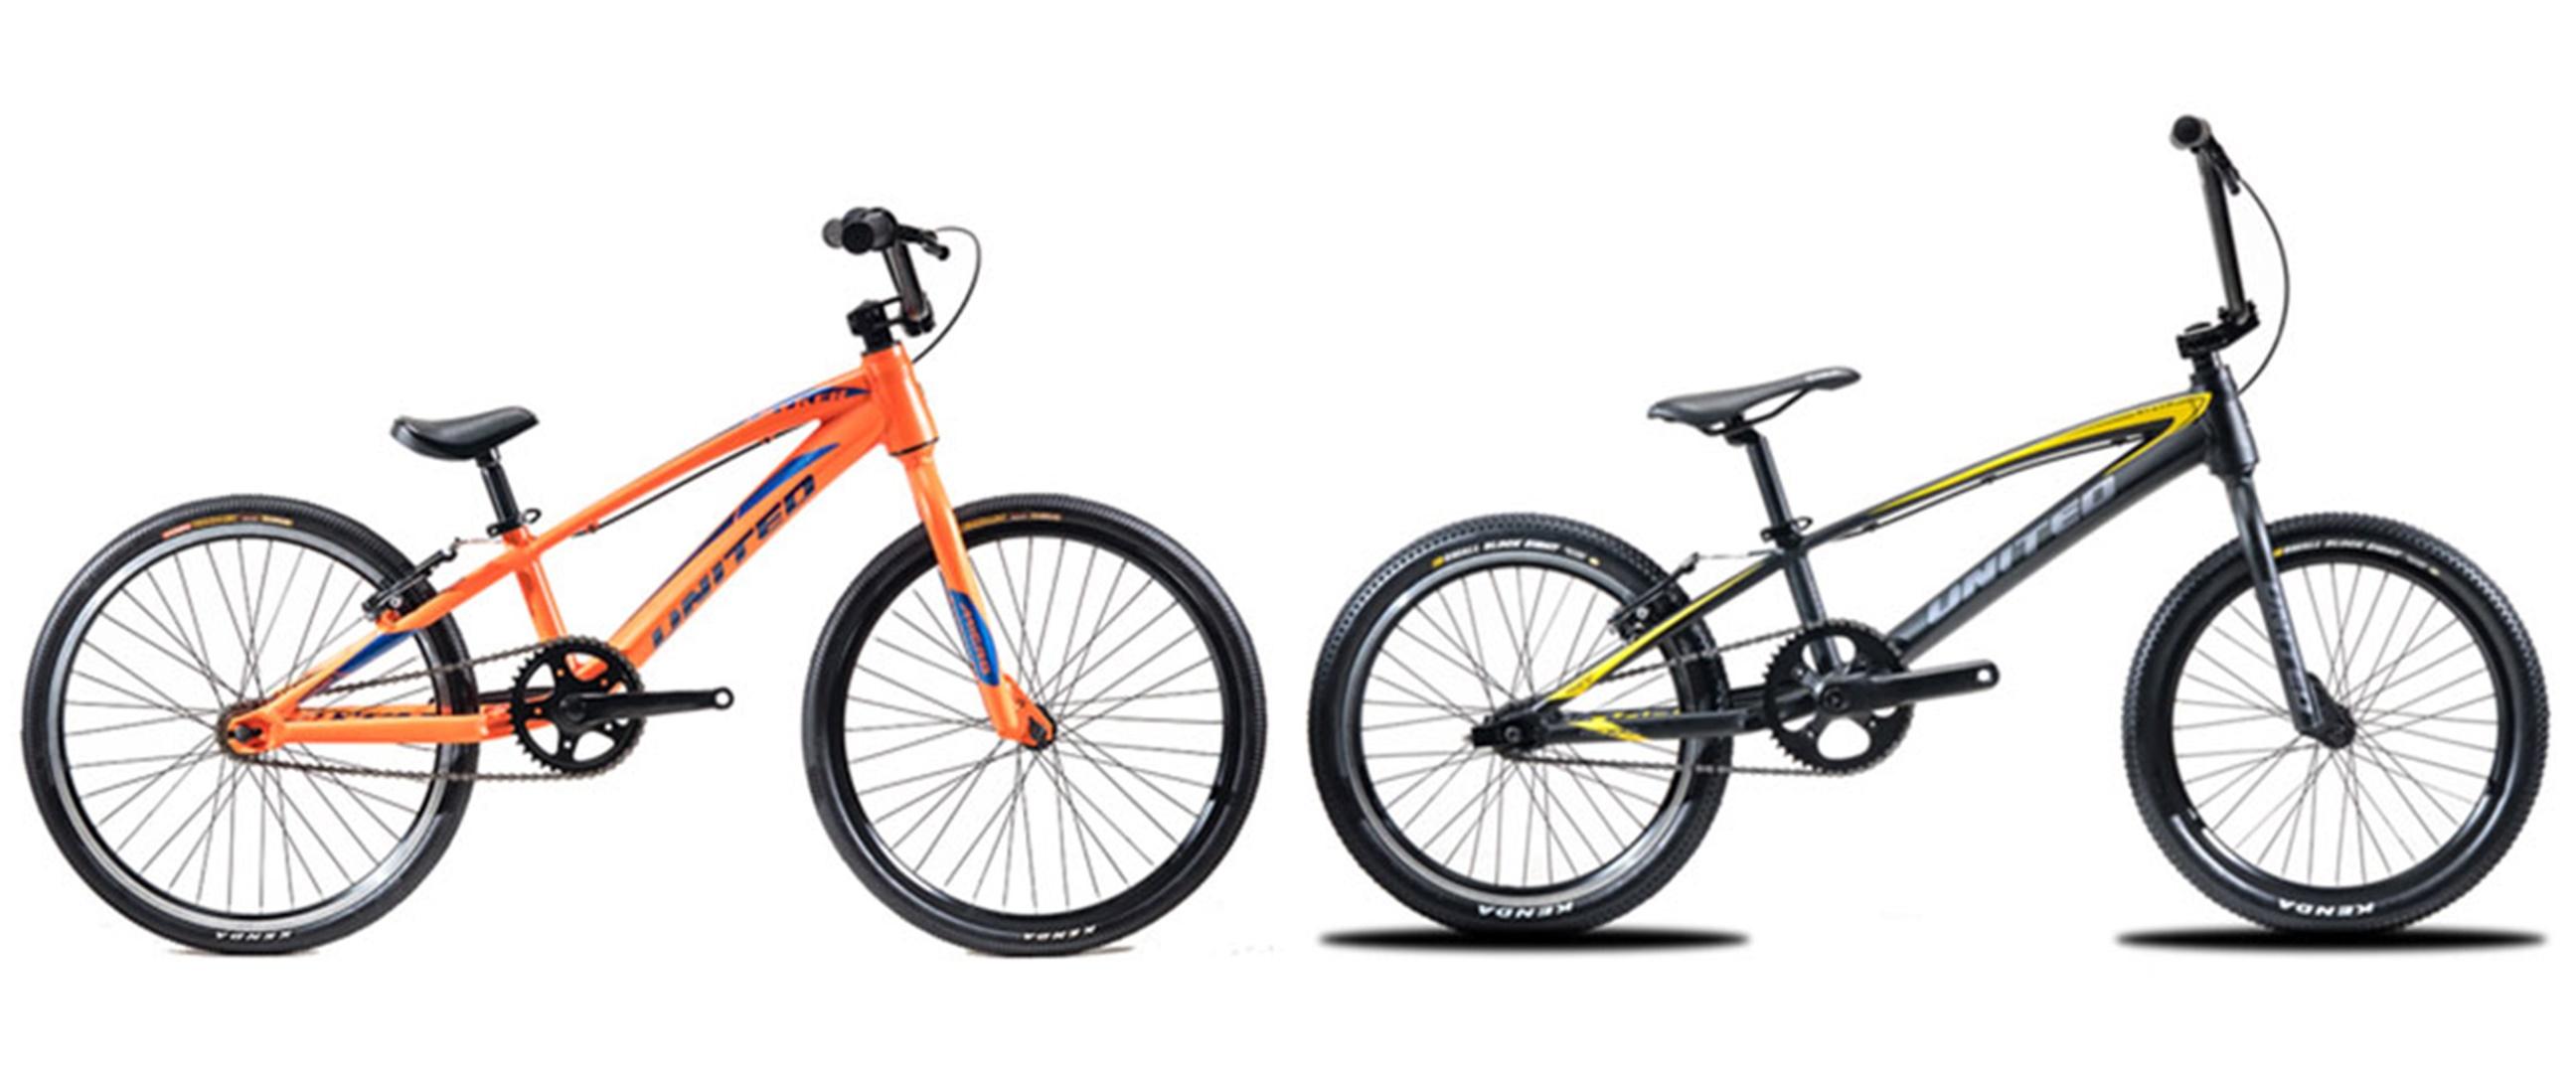 Harga sepeda BMX United Ryker dan spesifikasi, ringan dan nyaman